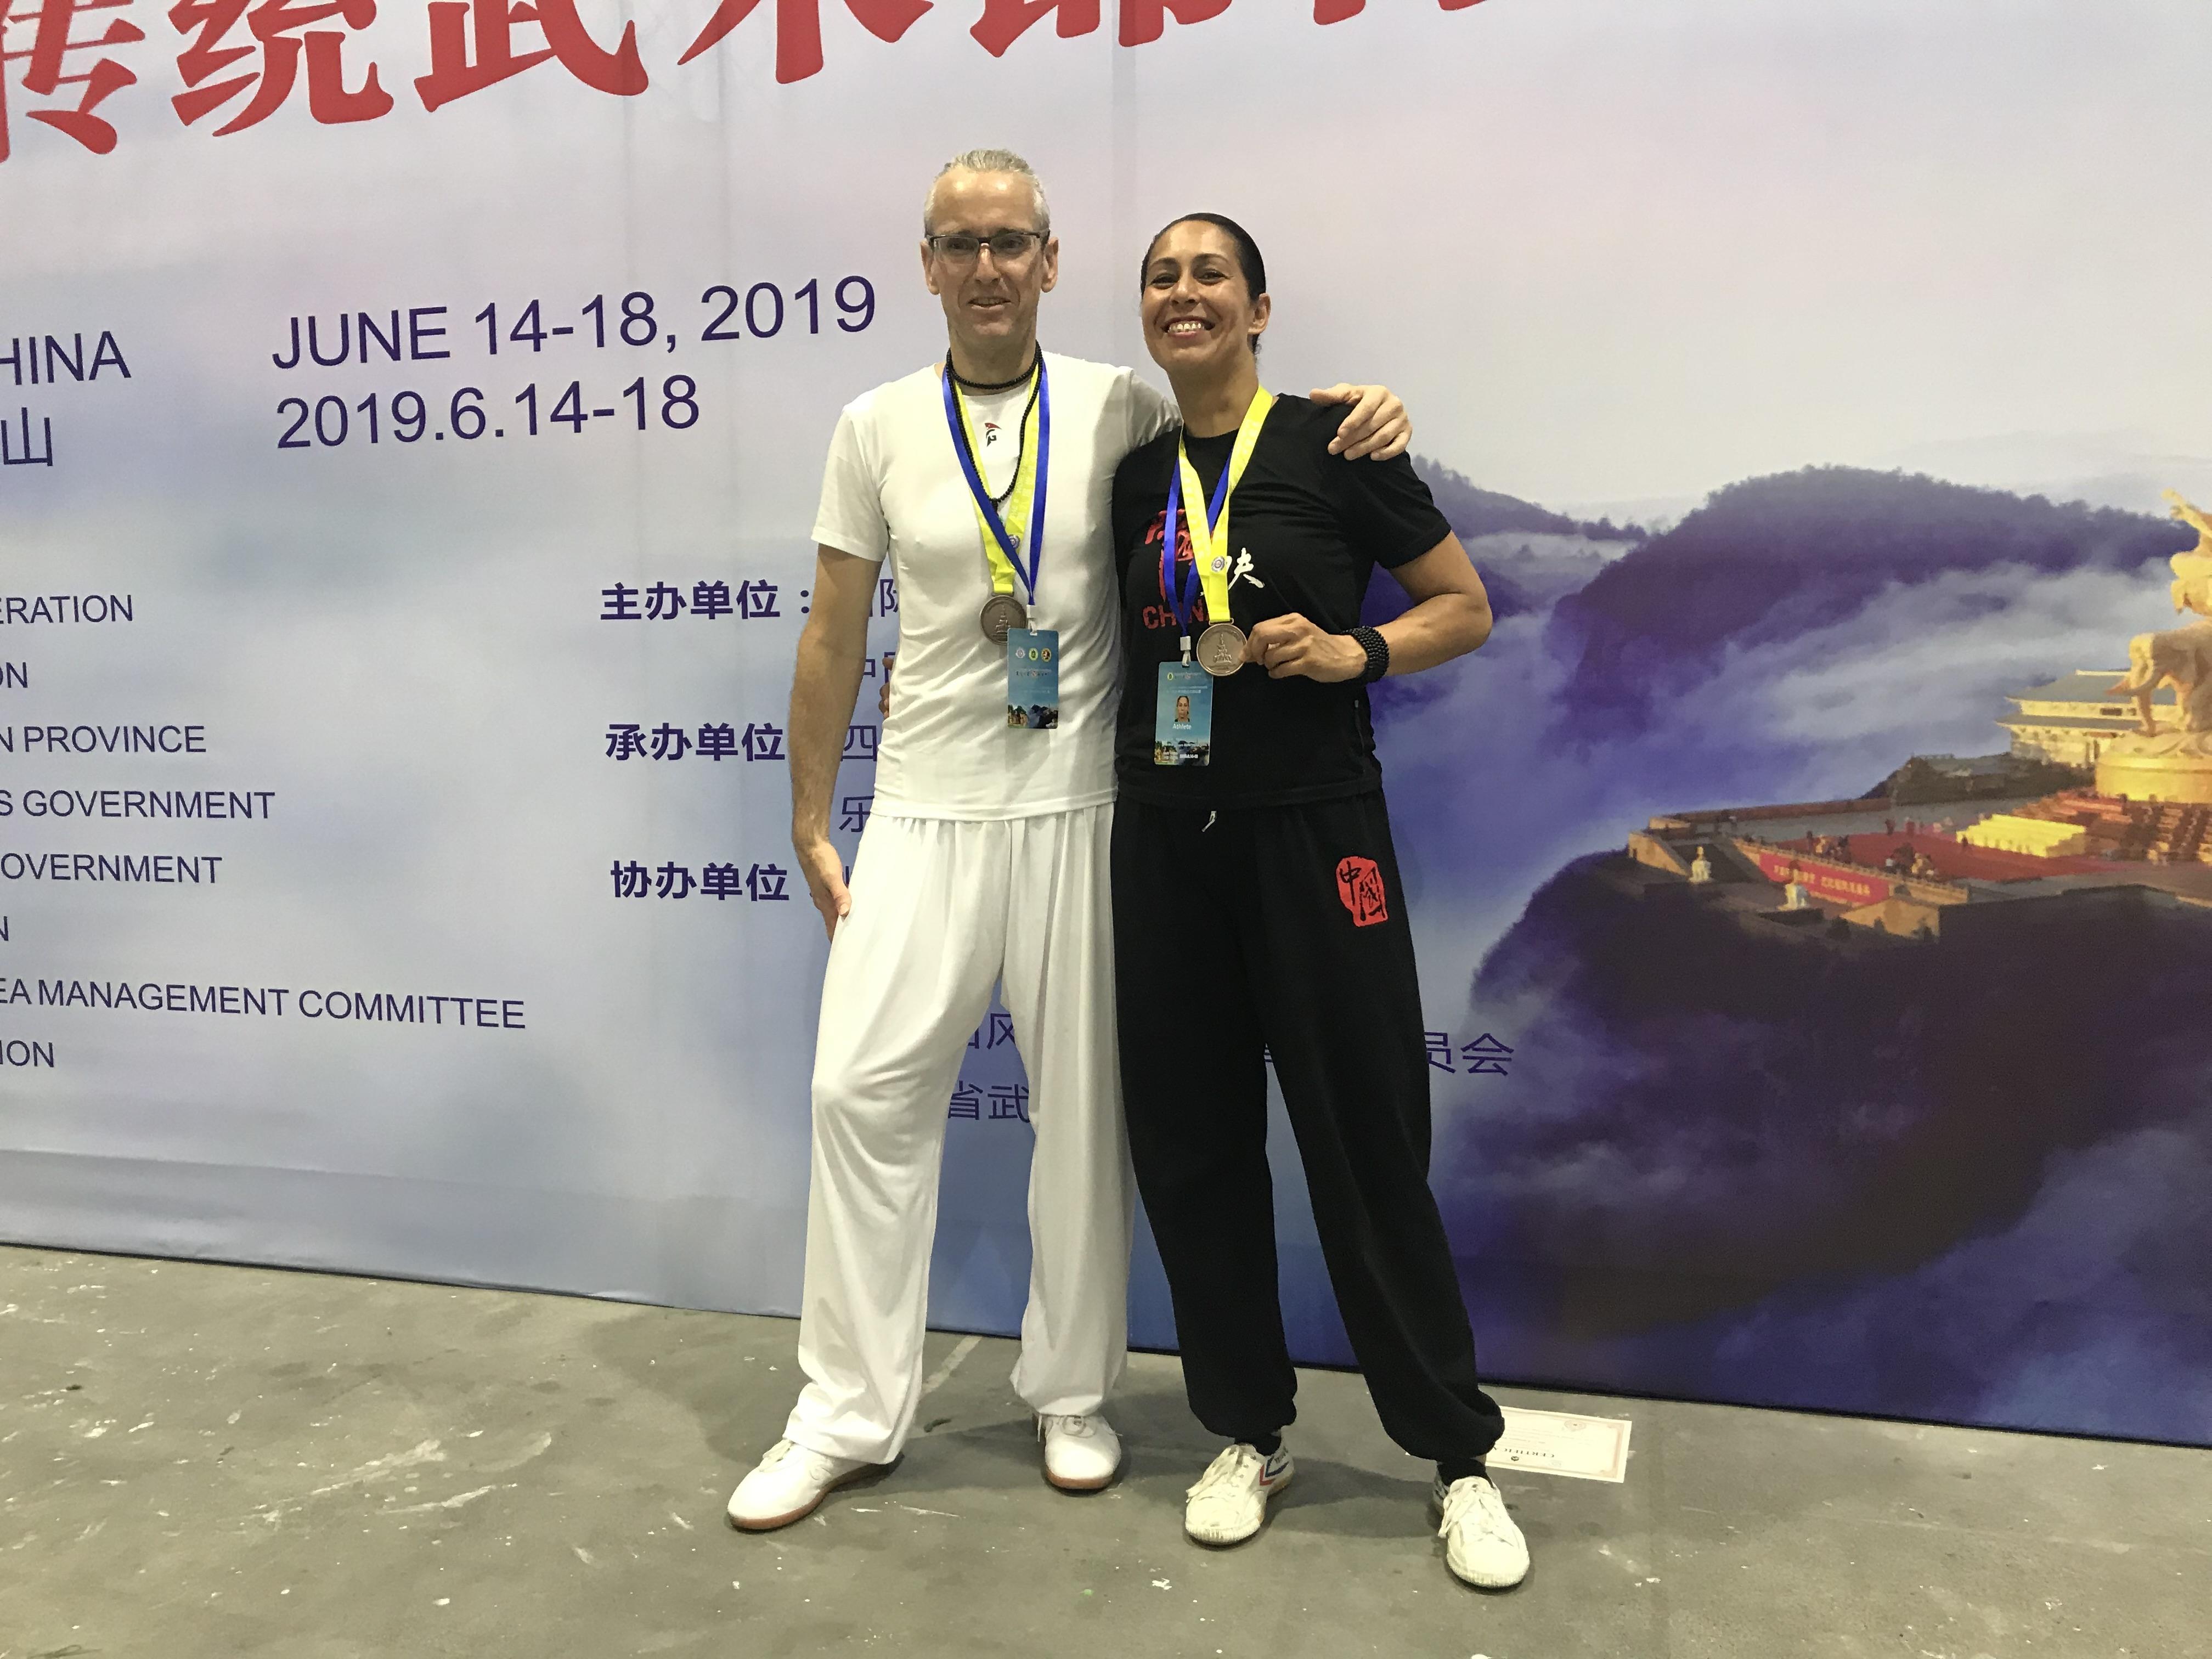 Apeldoornse atleten winnen brons op WK Chinese vechtsport